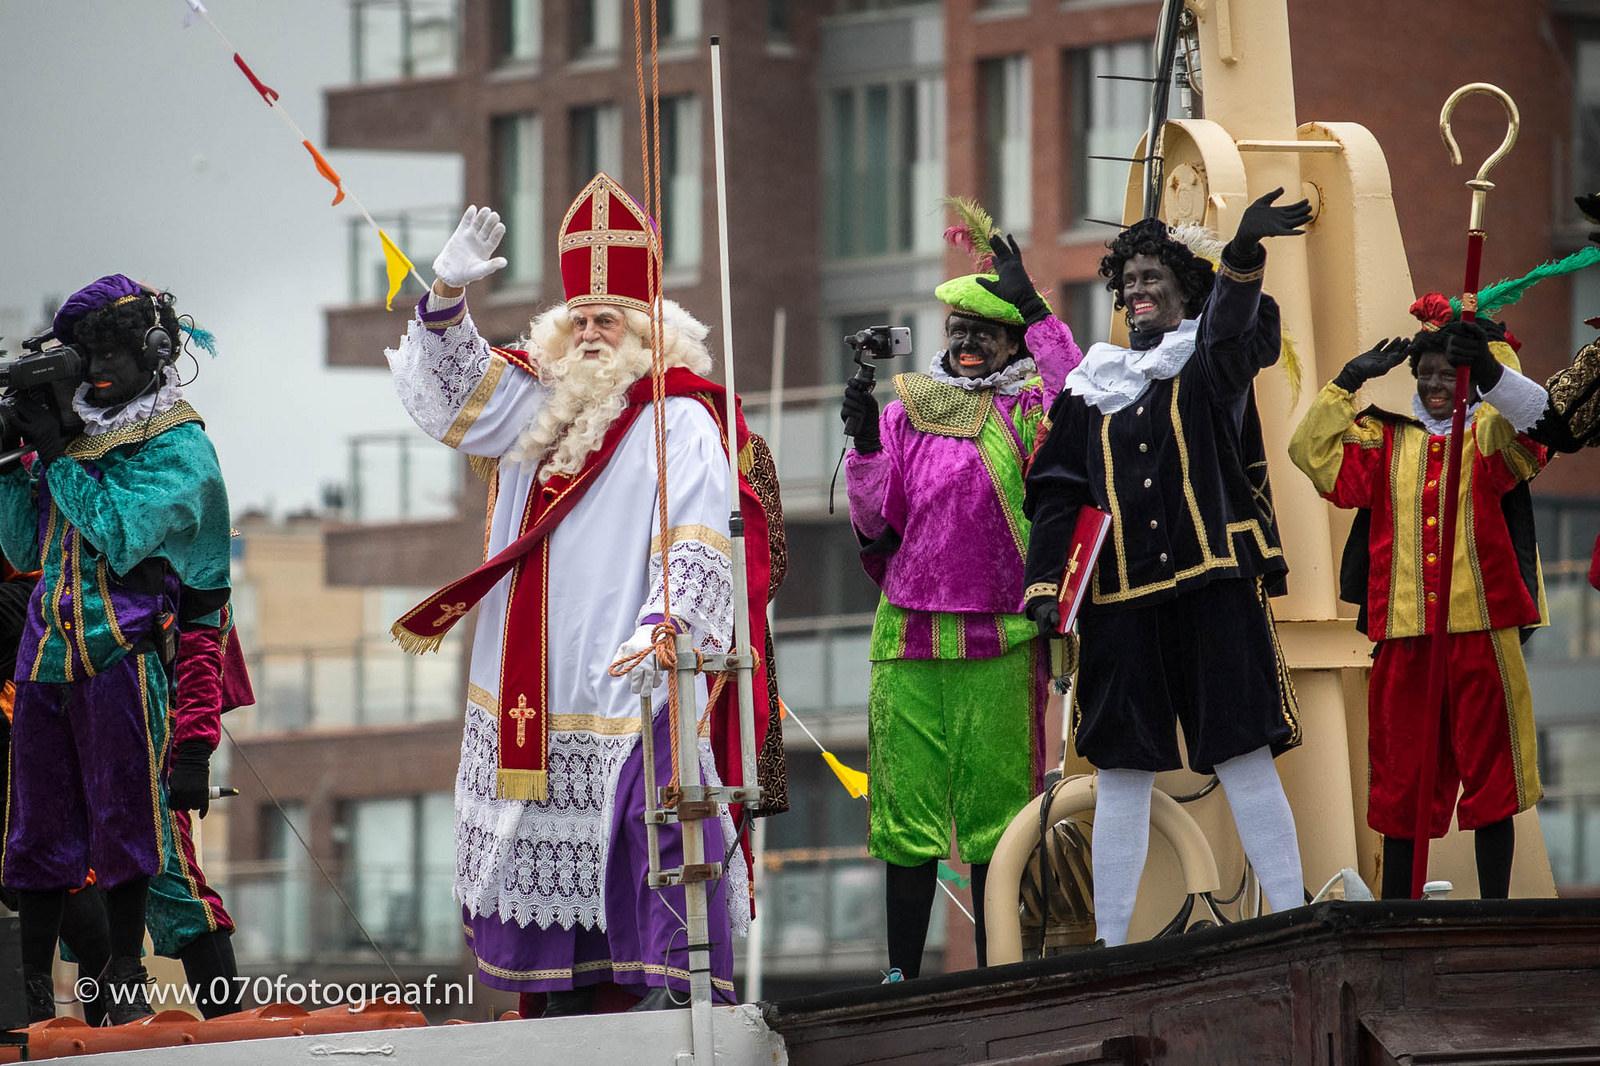 Sinterklaas Intocht 2017 Den Haag Scheveningen 070fotograaf